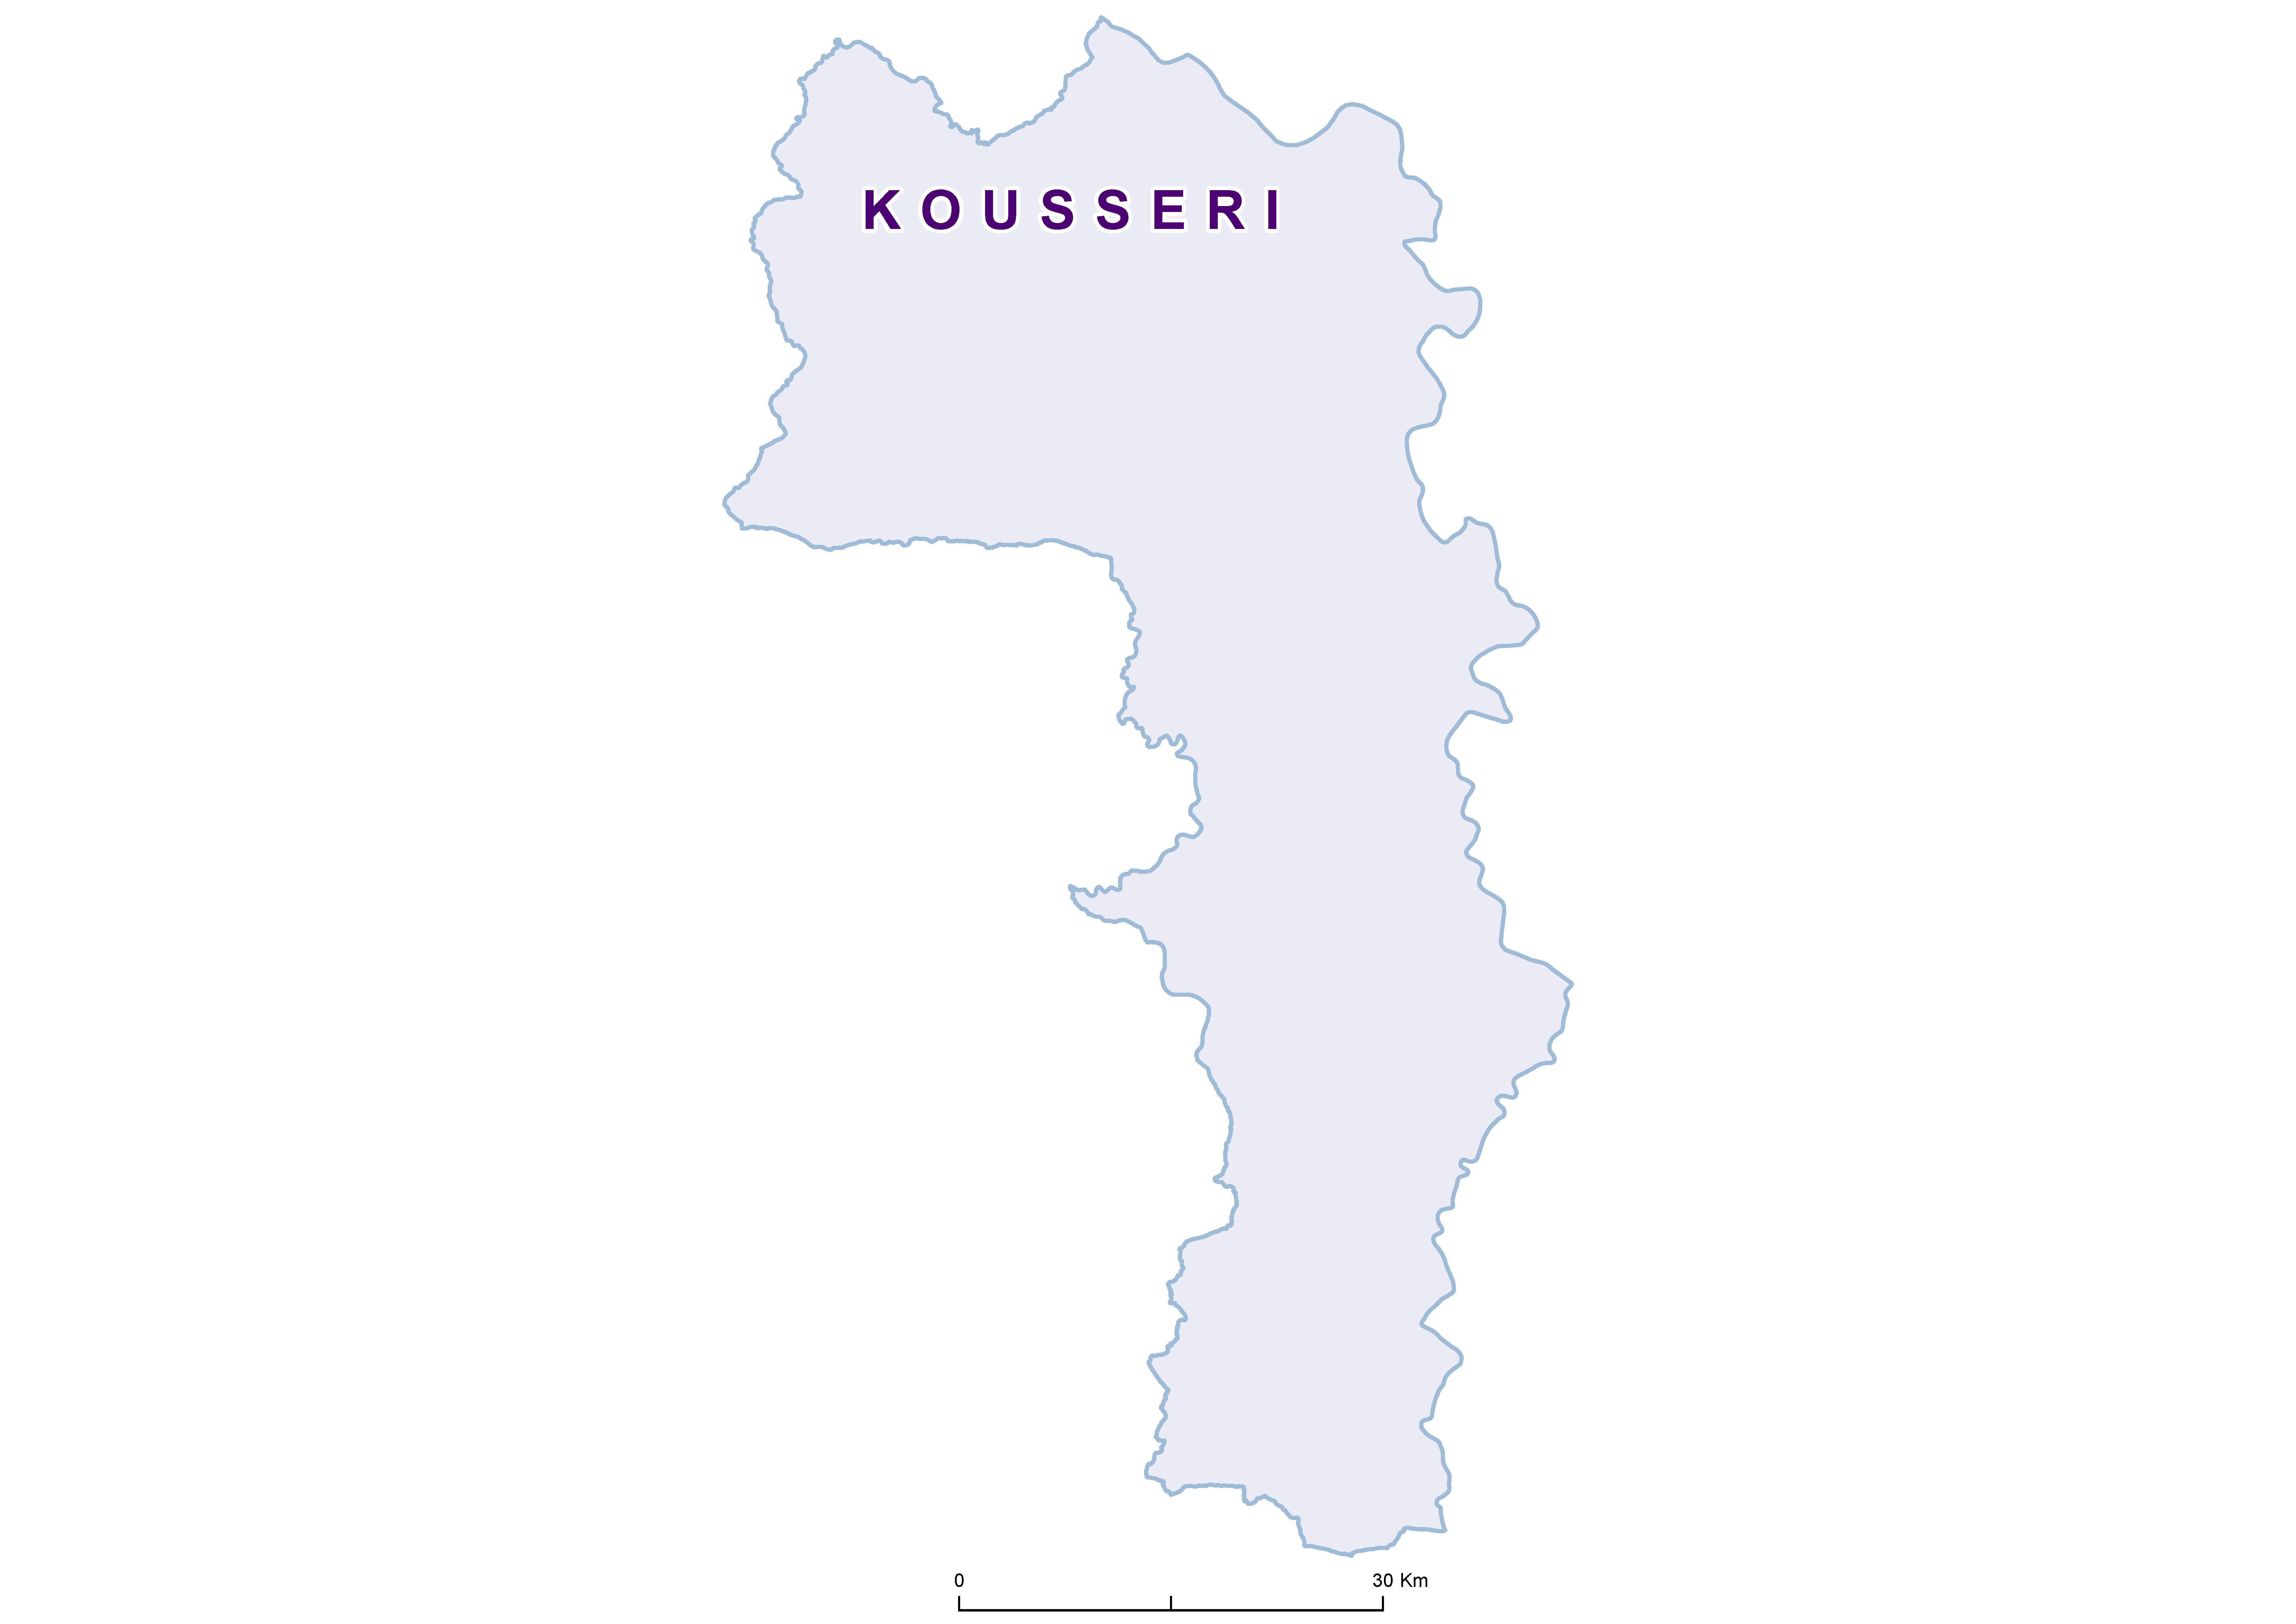 Kousseri Mean SCH 20180001